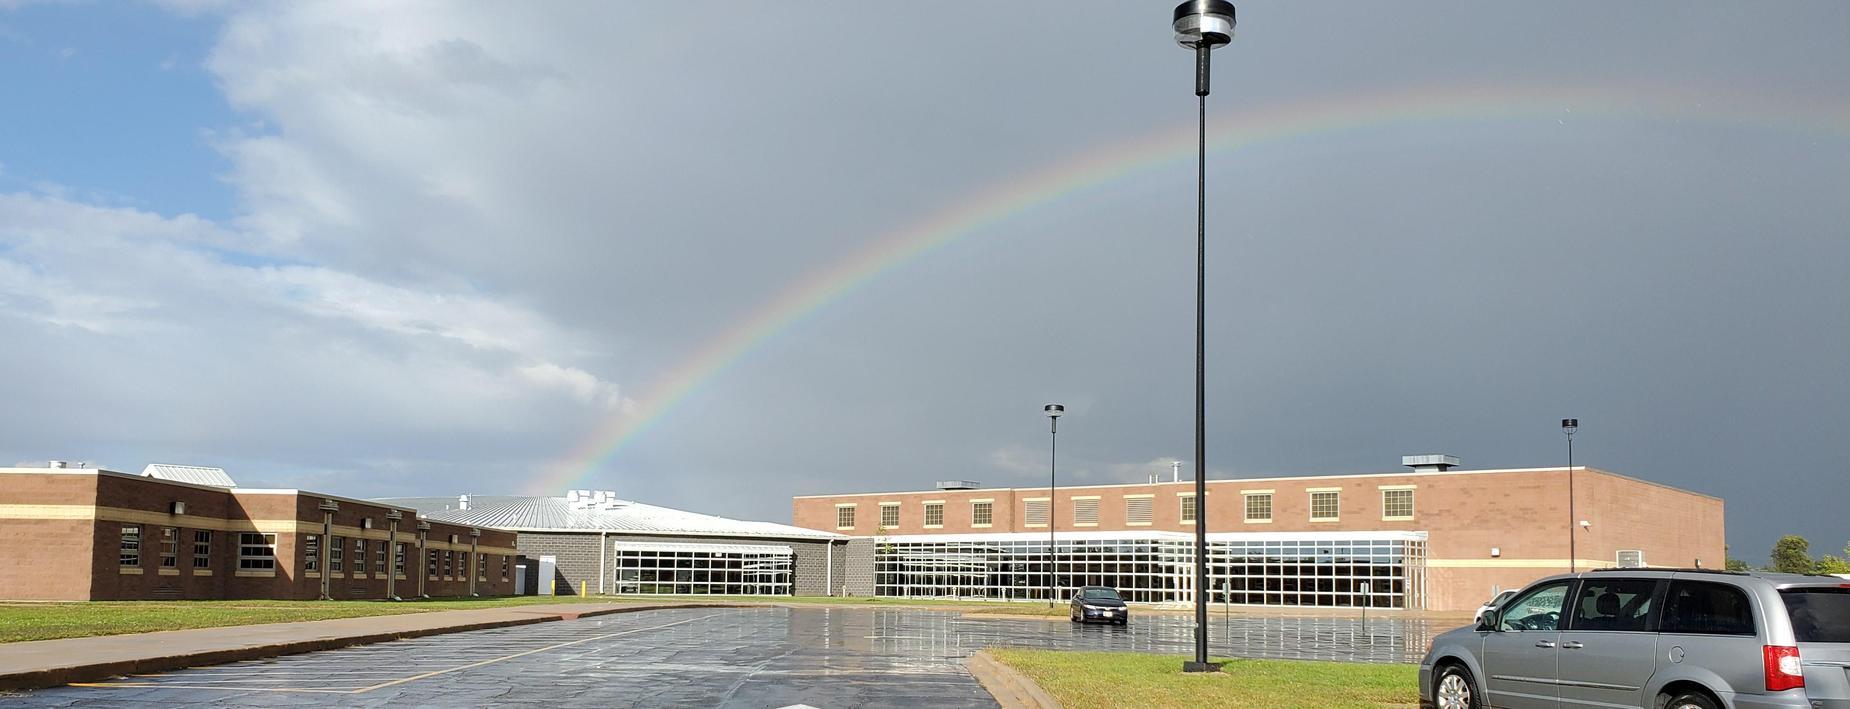 Rainbow at MS